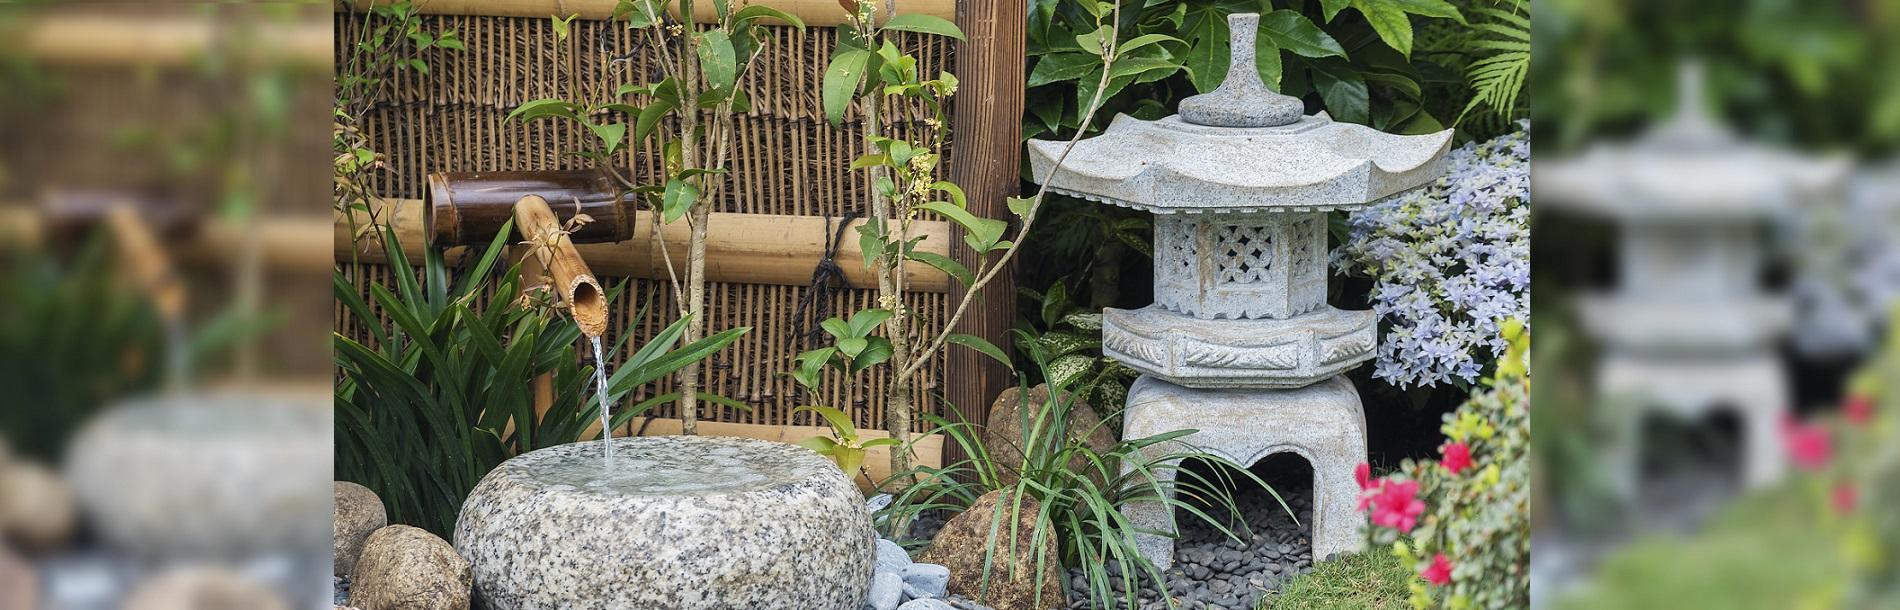 稲葉造園/東京世田谷区の植木屋